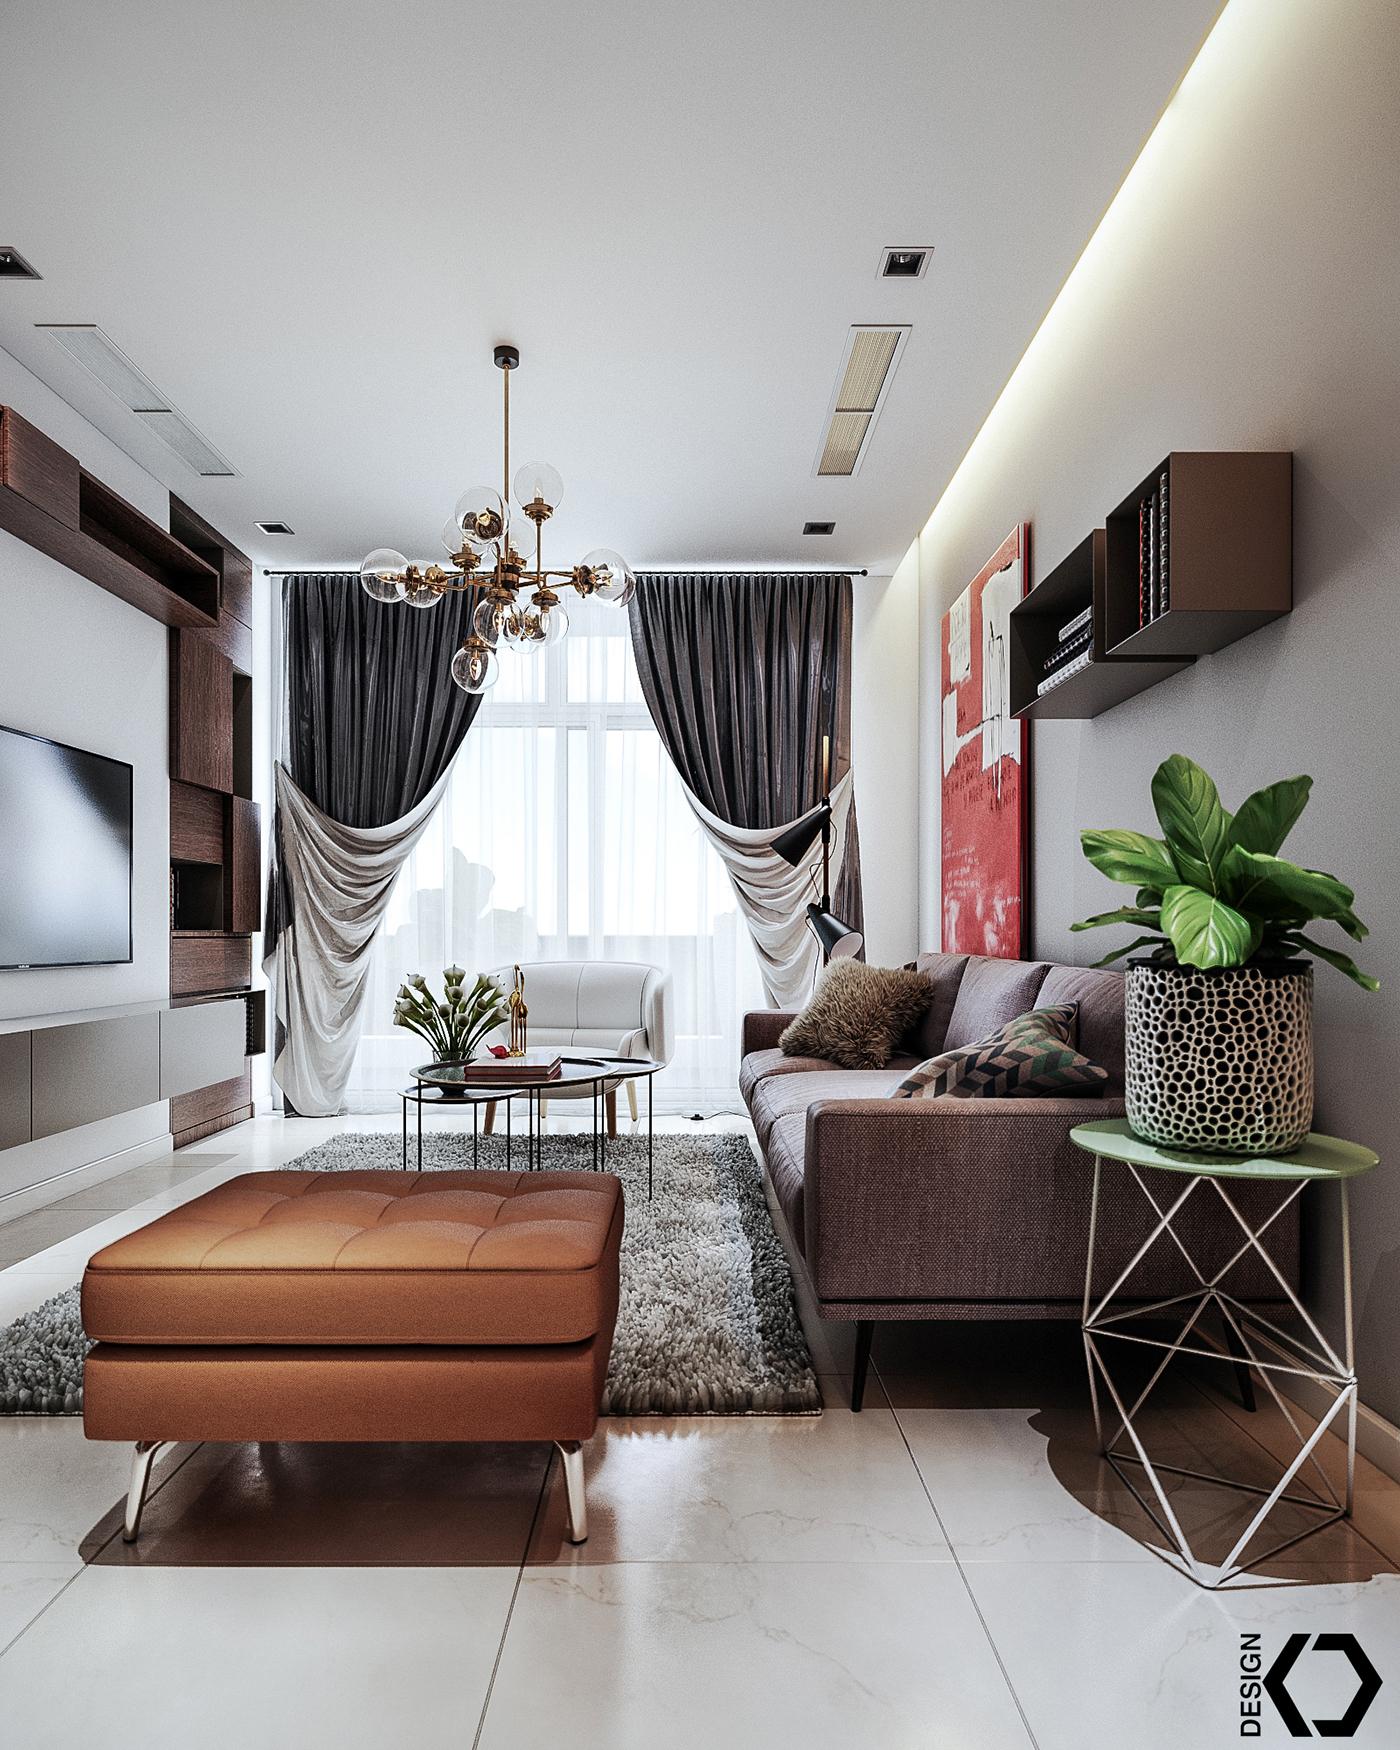 Center Park Apartments: P5 Apartment!! On Behance